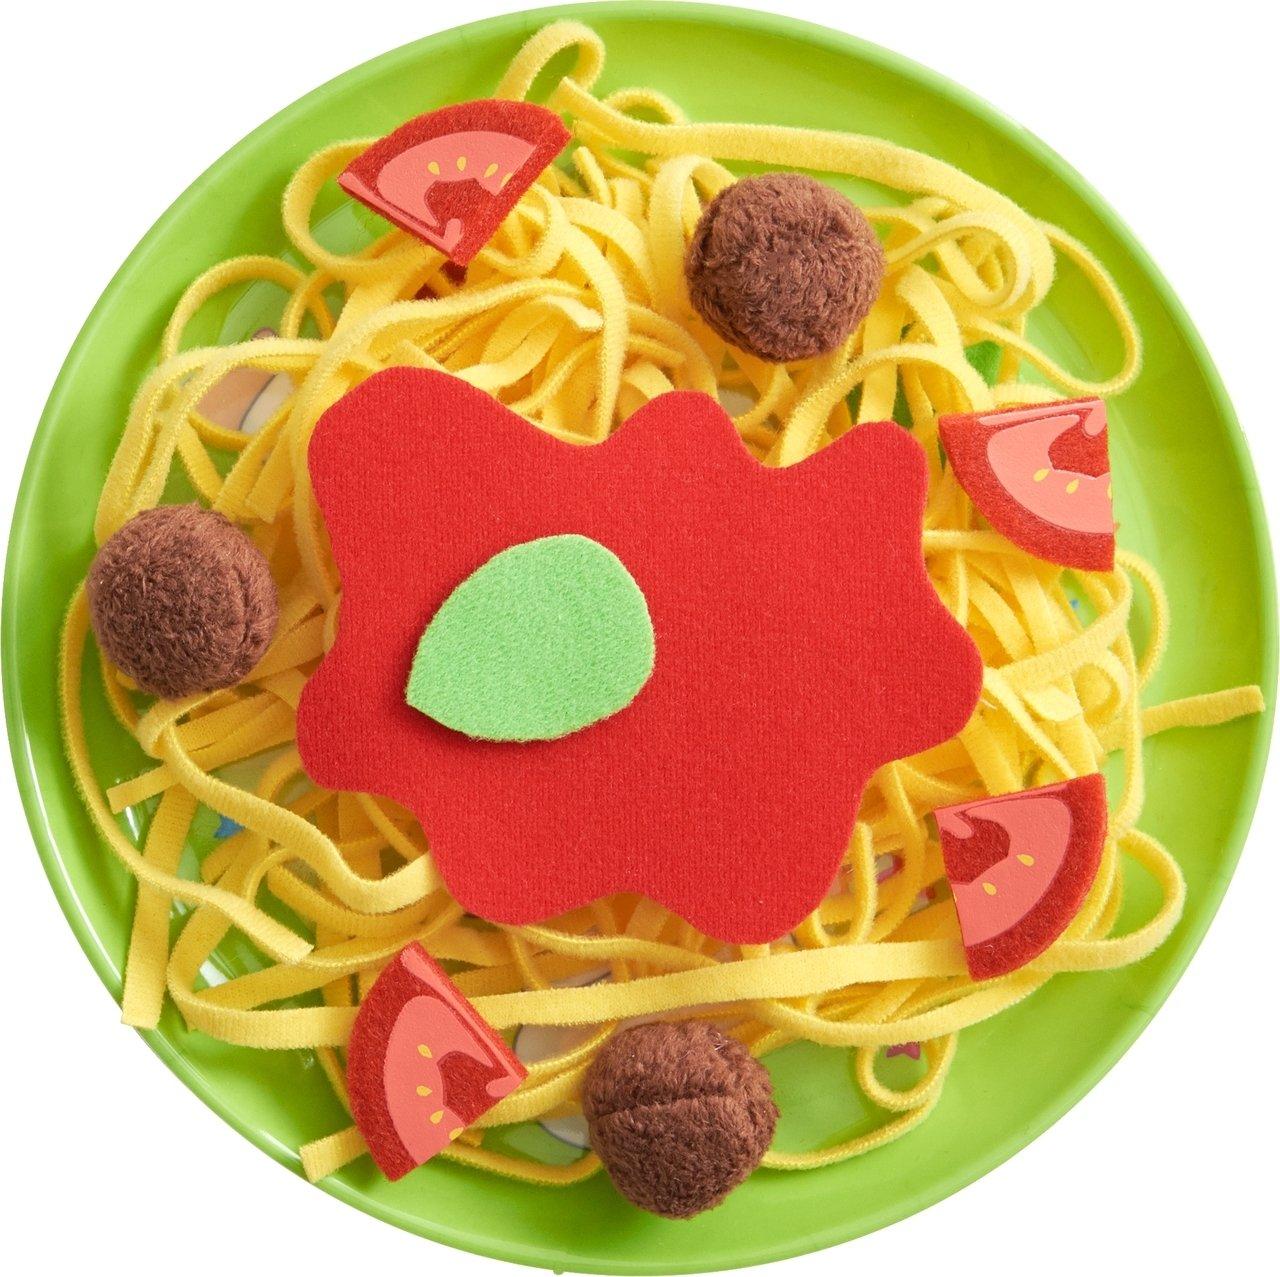 HABA Biofino Spaghetti Bolognese Polyester Pasta and Meatballs - for Pretend Role Play Dinner Fun